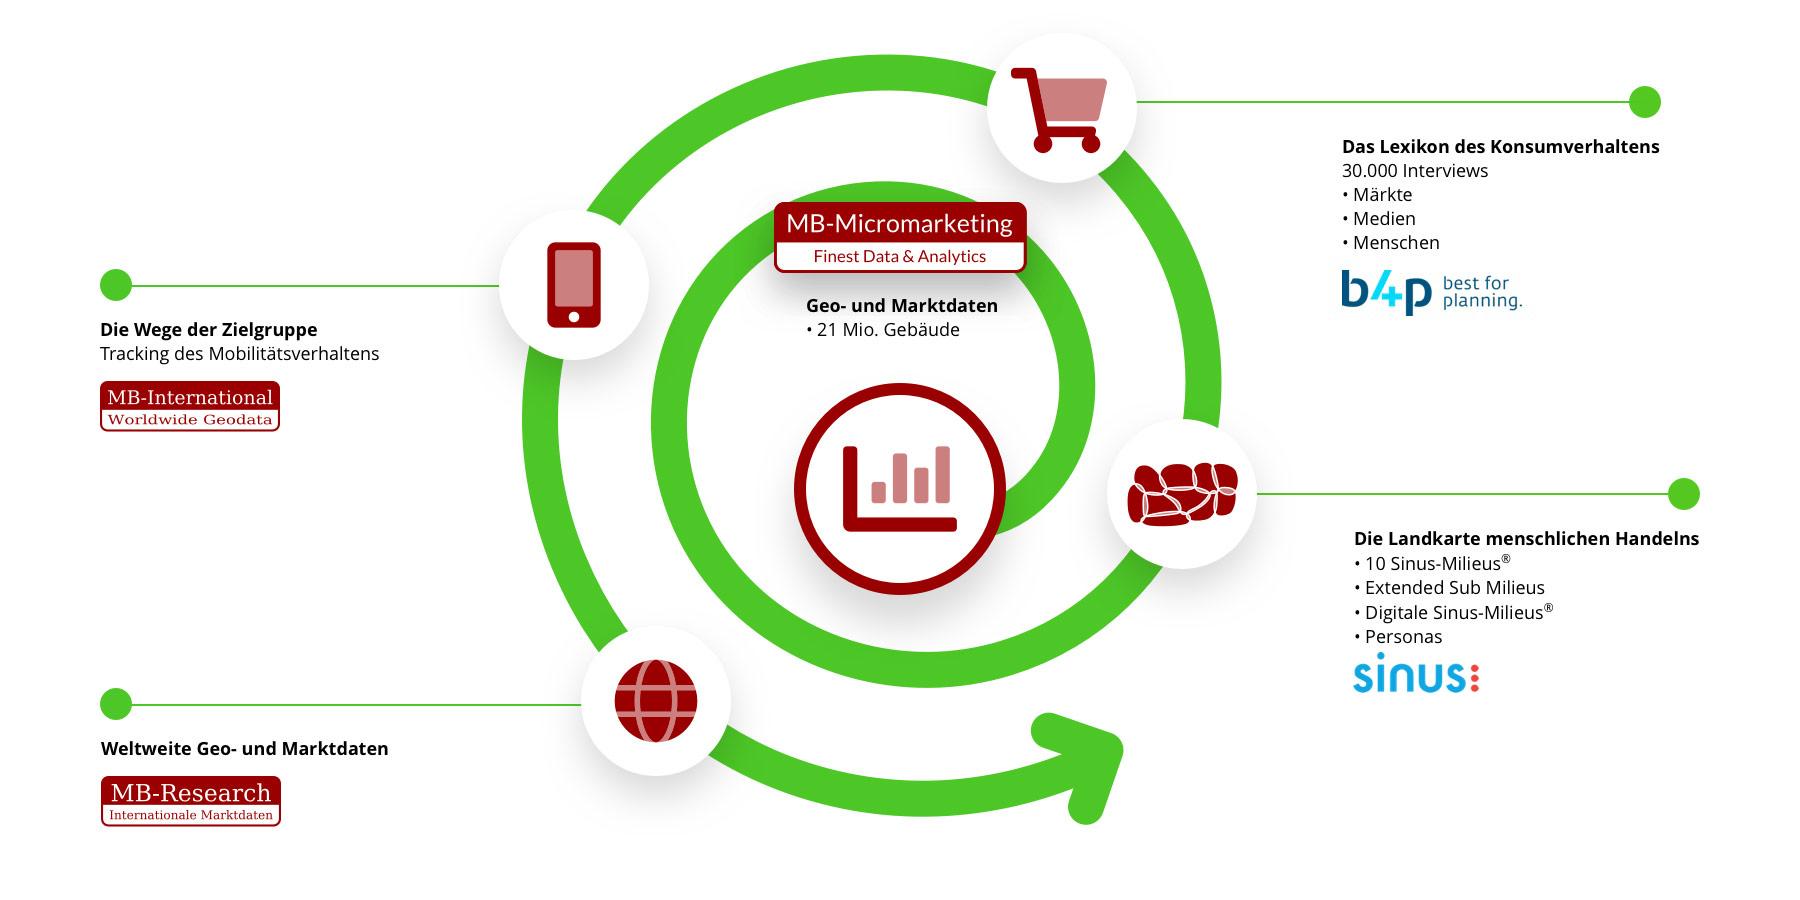 Konsumverhalten Infografik